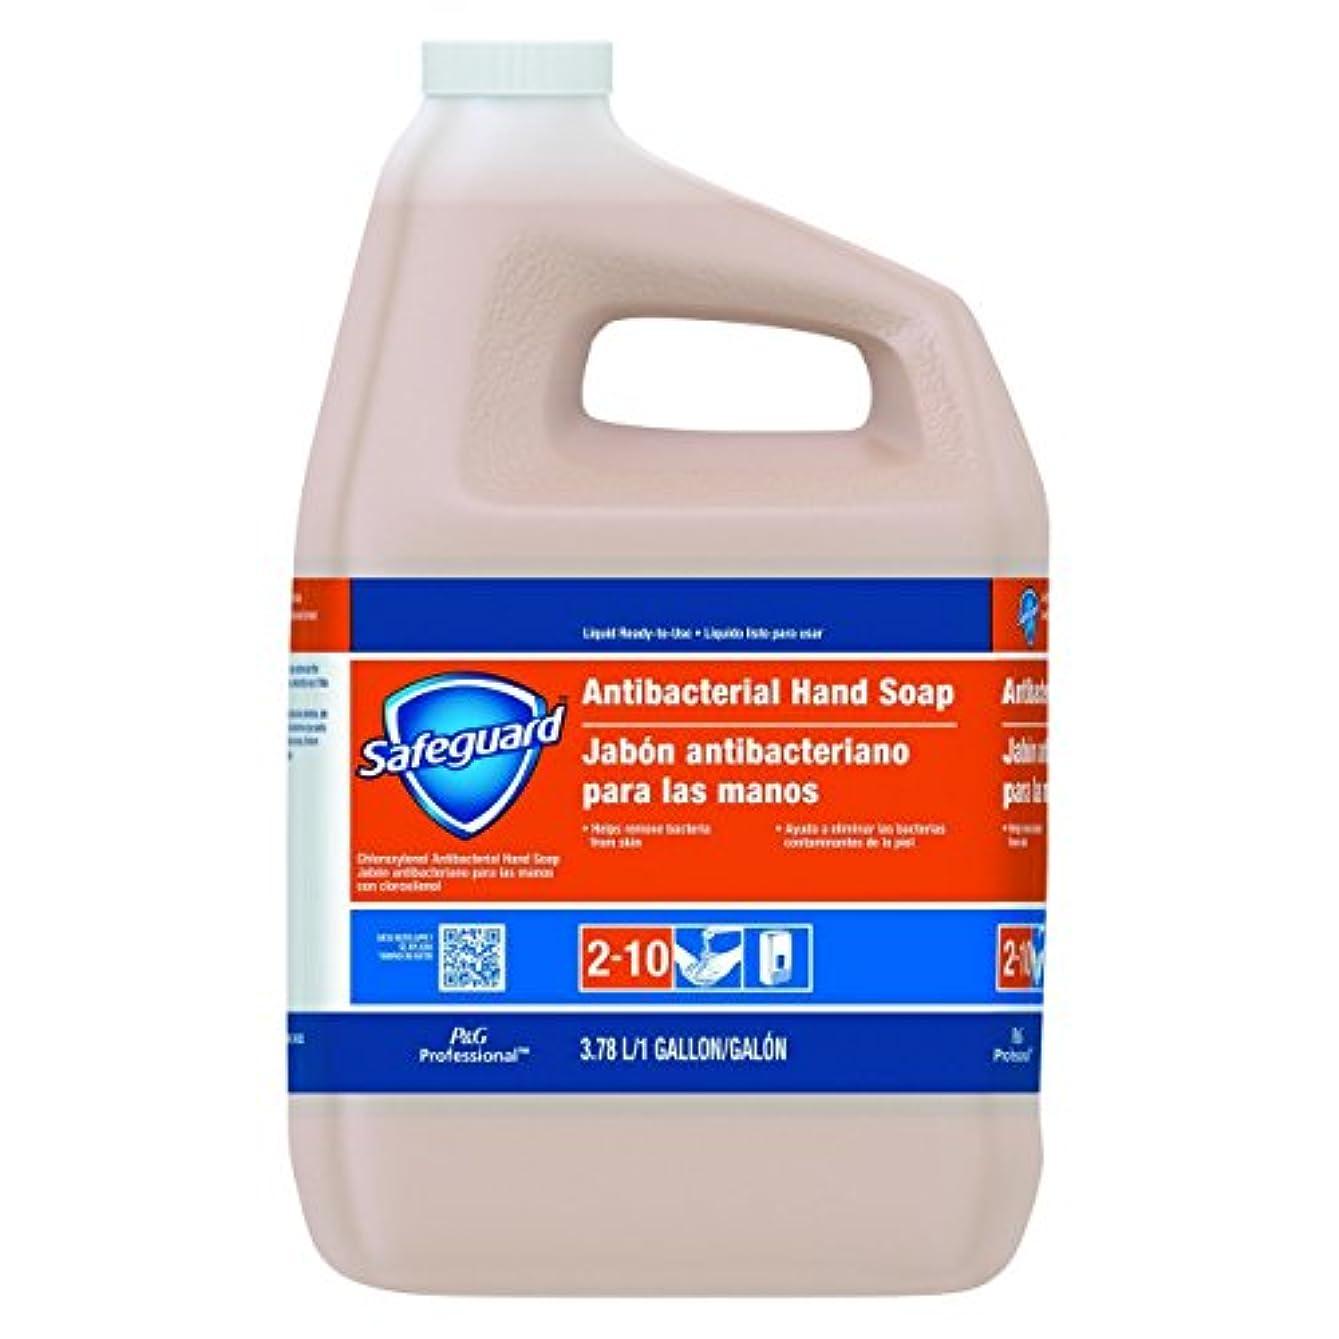 タクト間違っている天Safeguard抗菌Liquid Hand Soap , 1 galボトル、2 /カートン